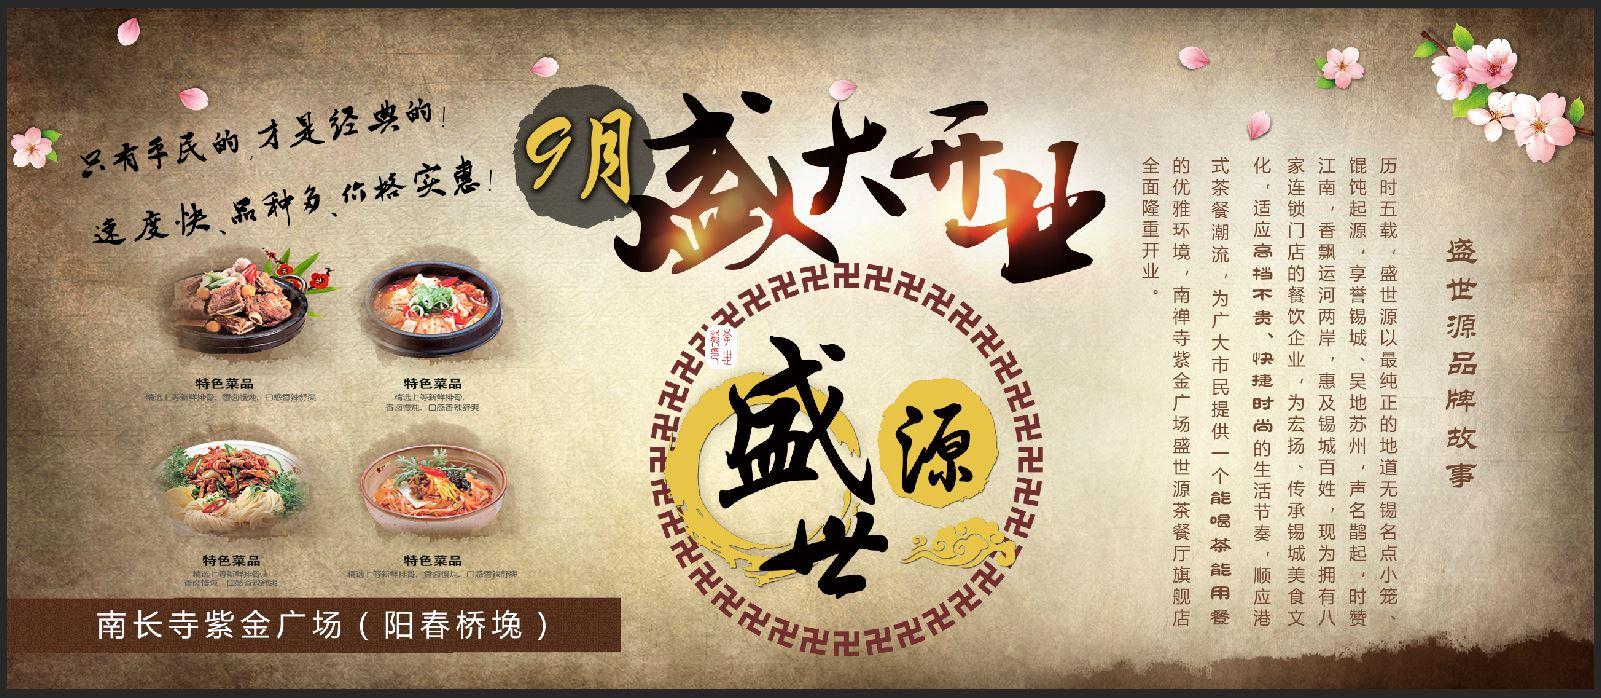 盛世源 茶餐厅开开幕 海报